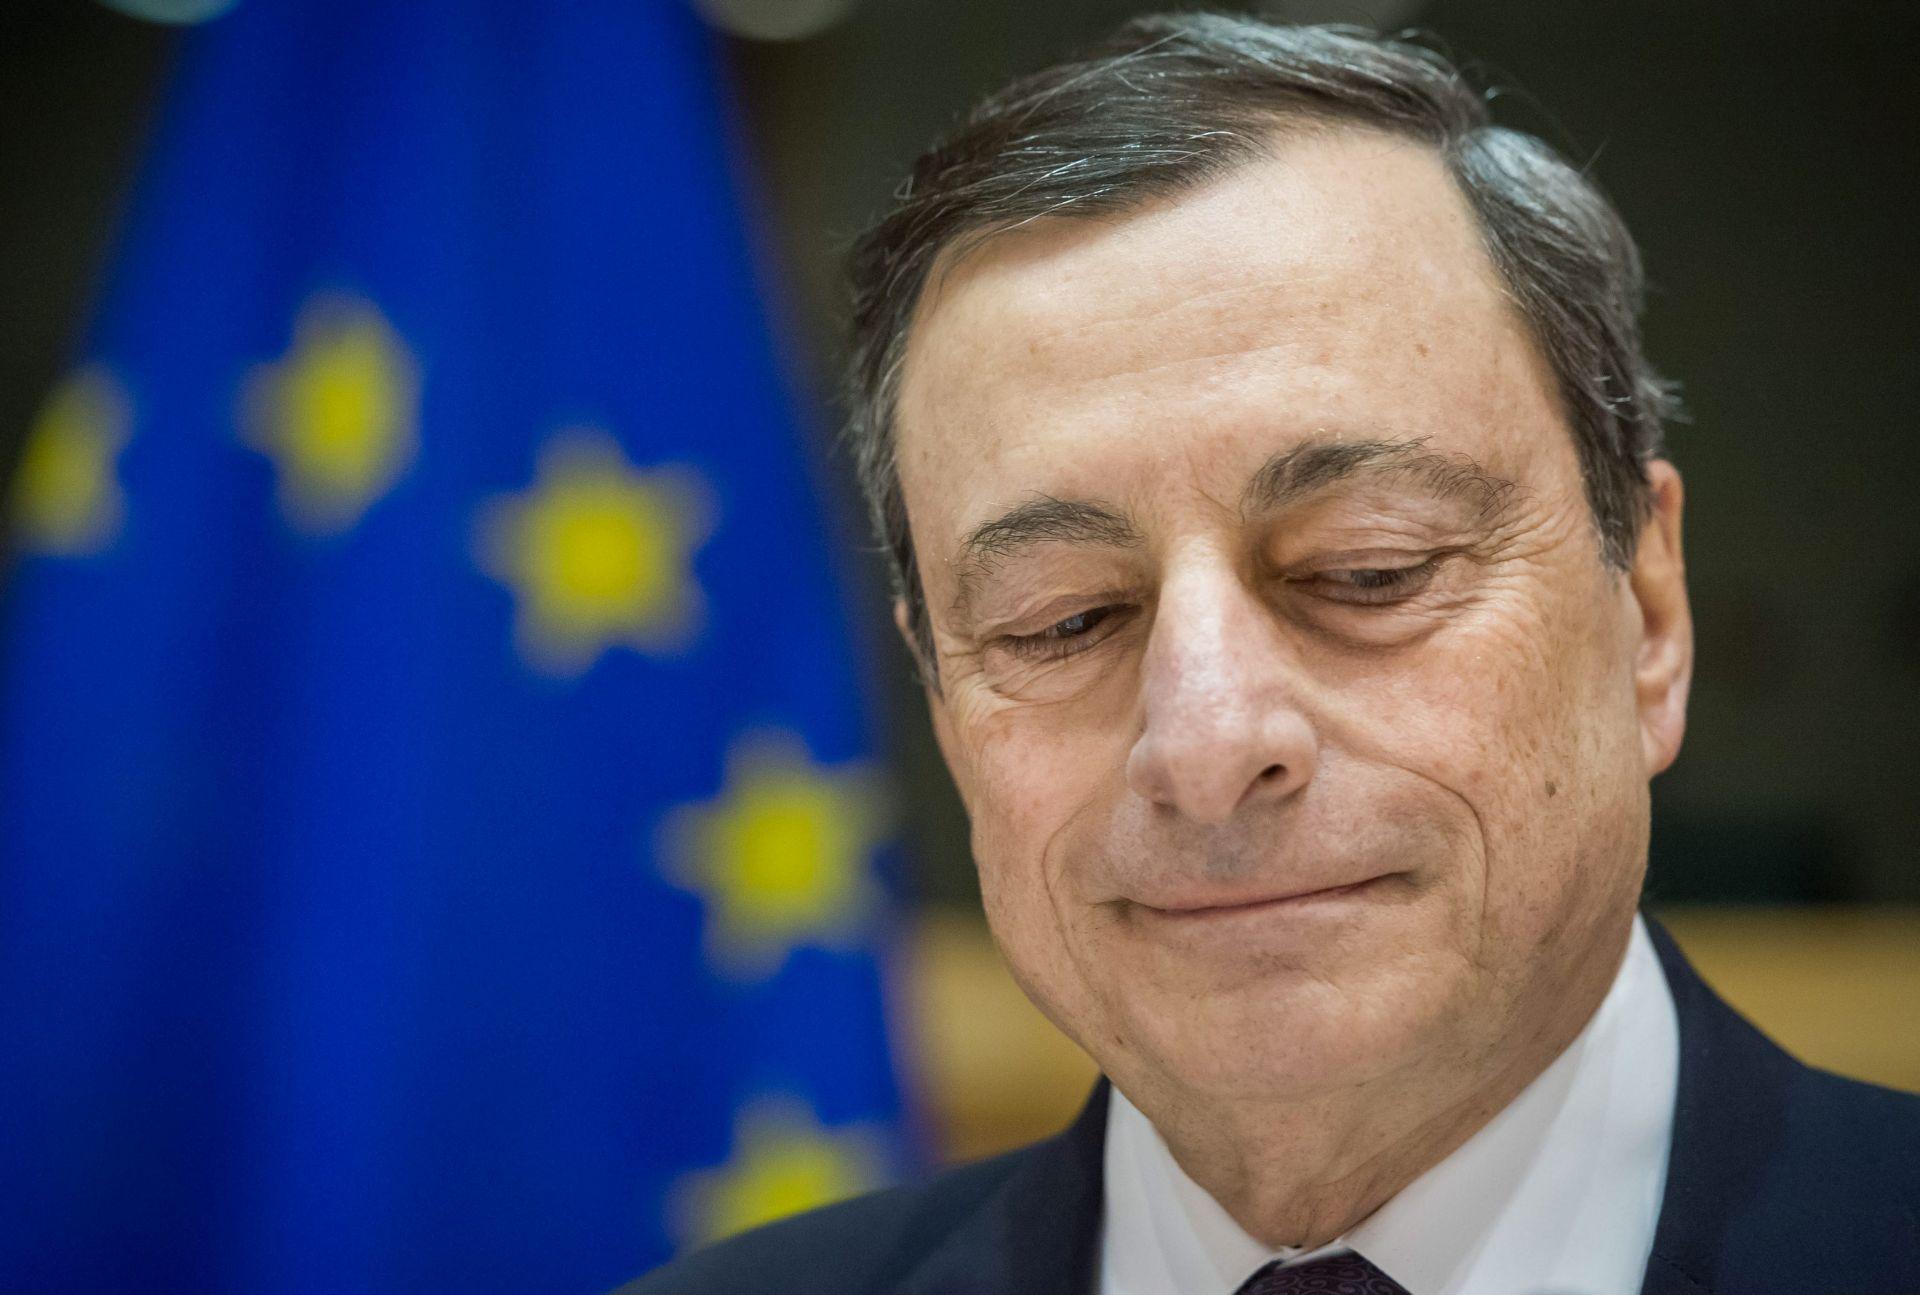 Draghi: Banke su otpornije nego prije, mogući novi monetarni poticaji